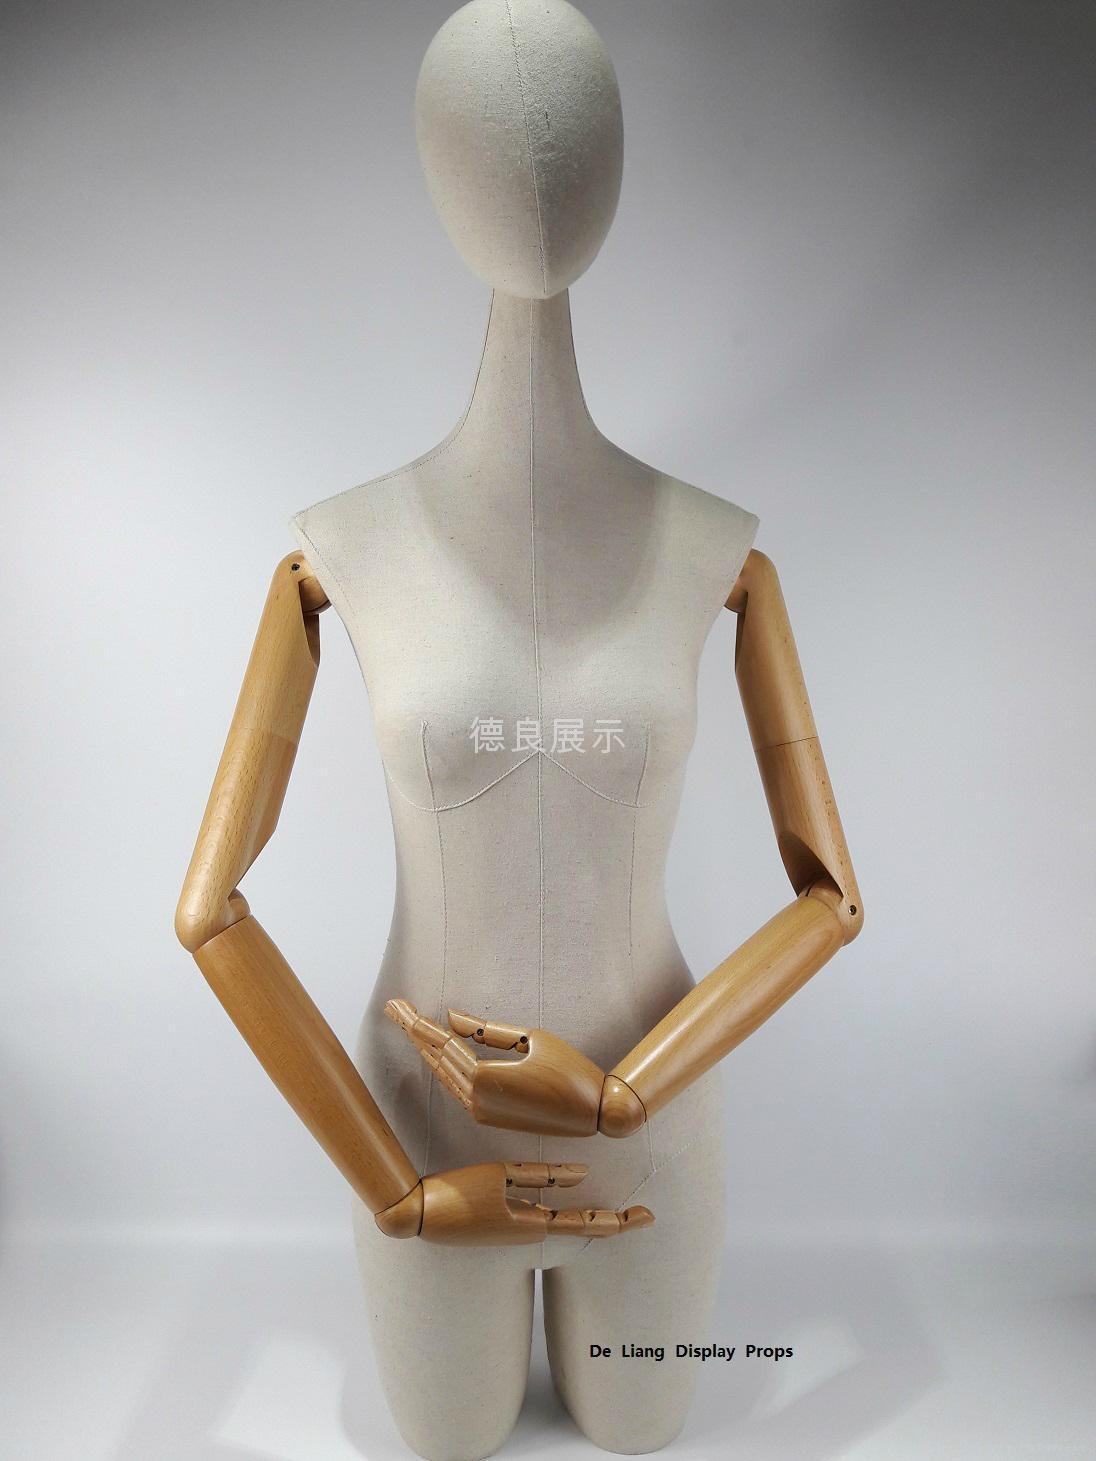 长脖子半身包白麻布女装展示模特配木手臂可旋转头 1